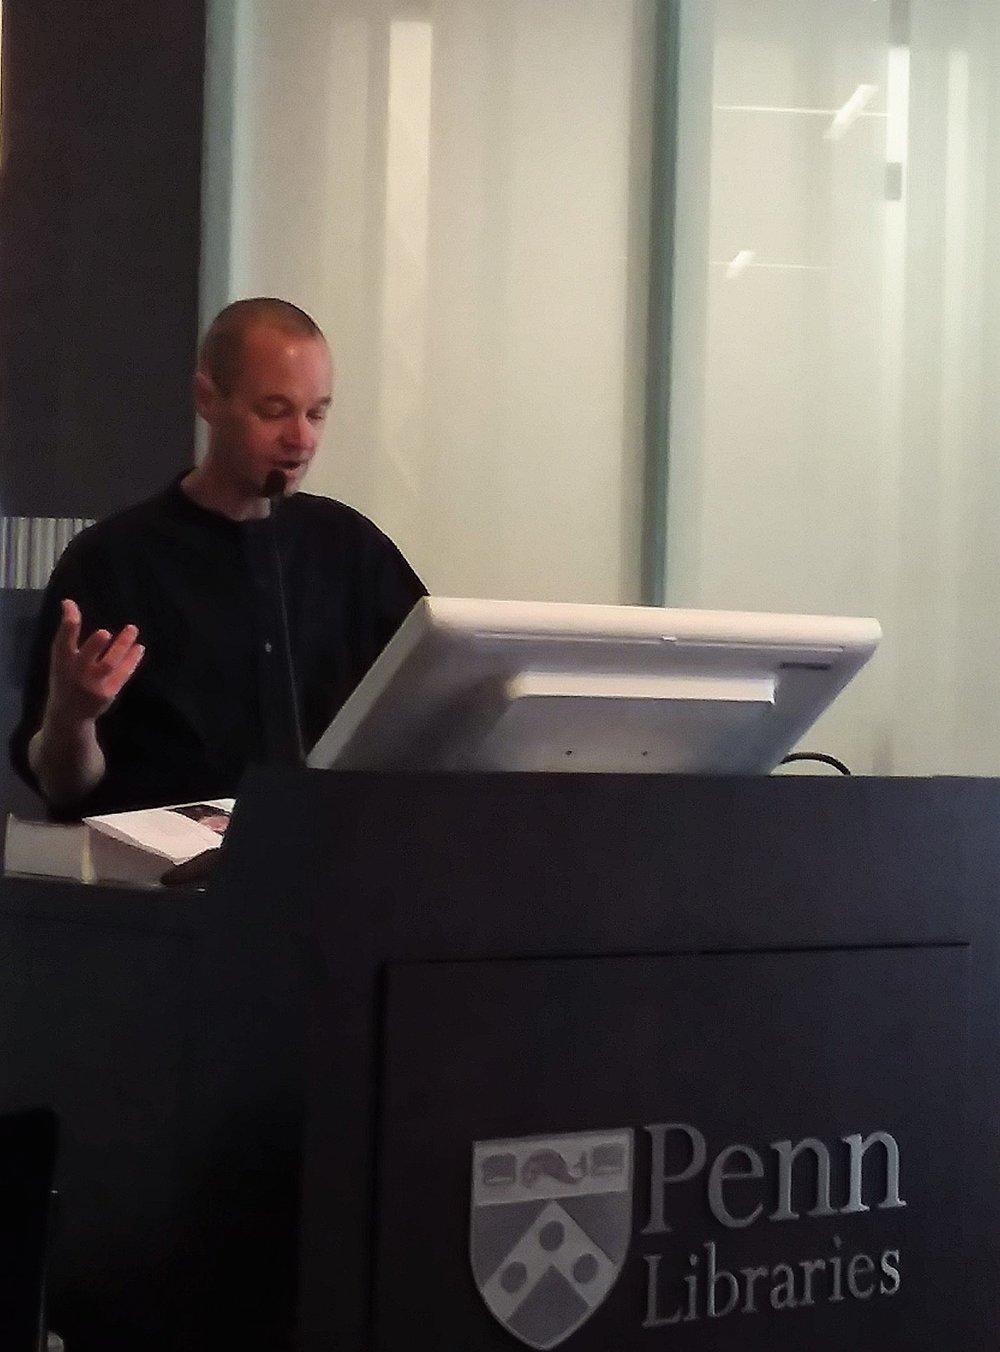 Craig Dworkin, PhD